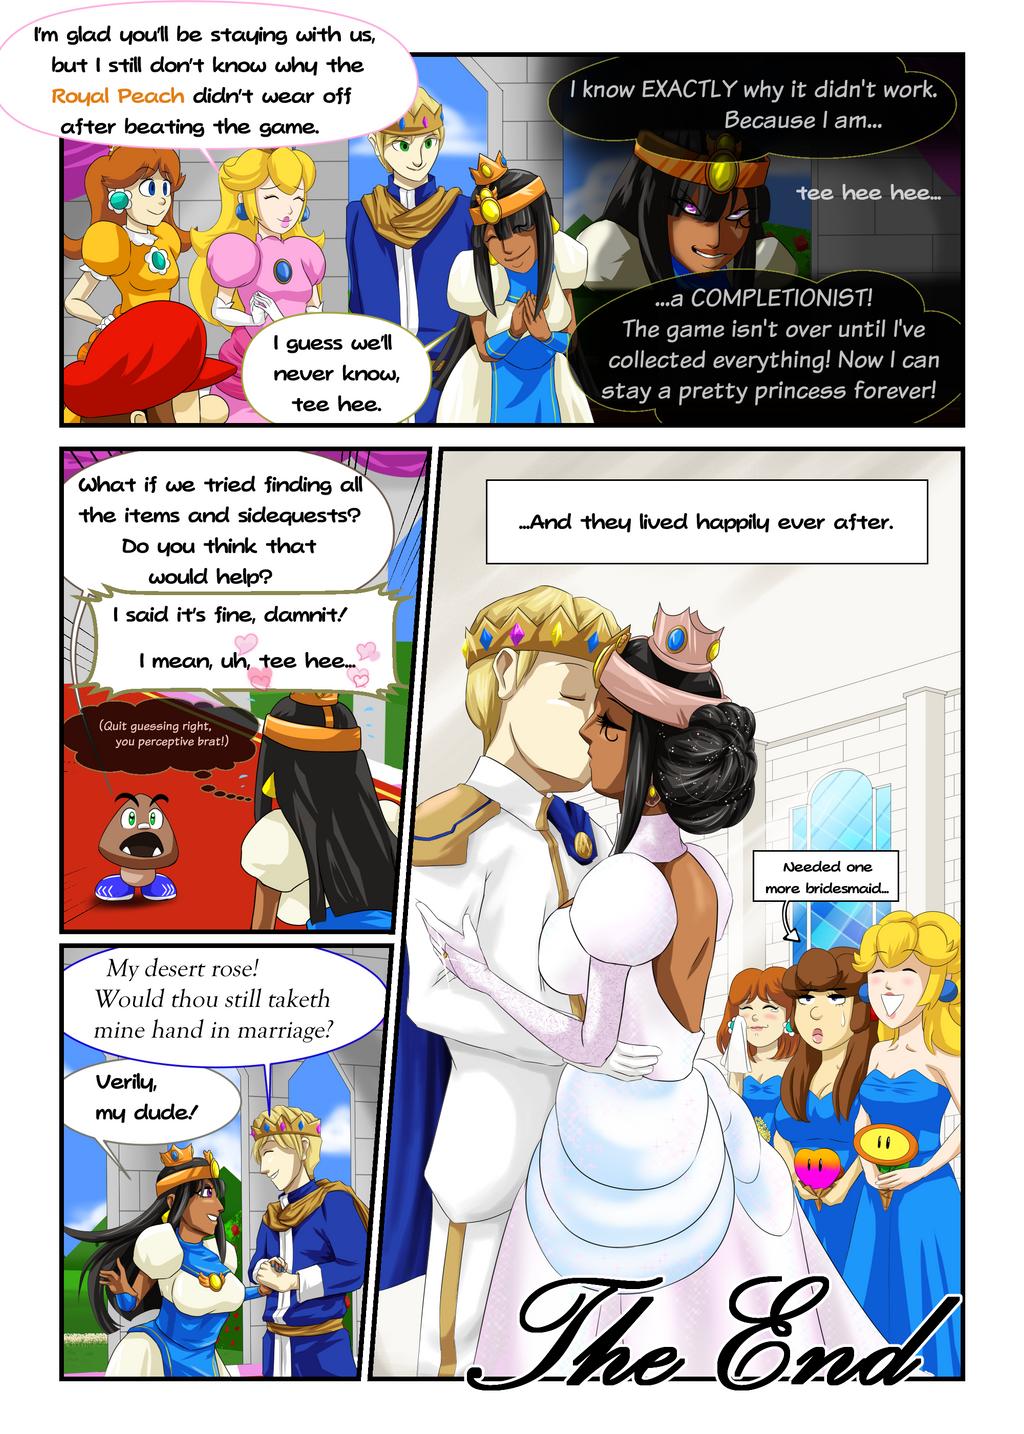 Princess Mario RPG - Page Seven by FieryJinx